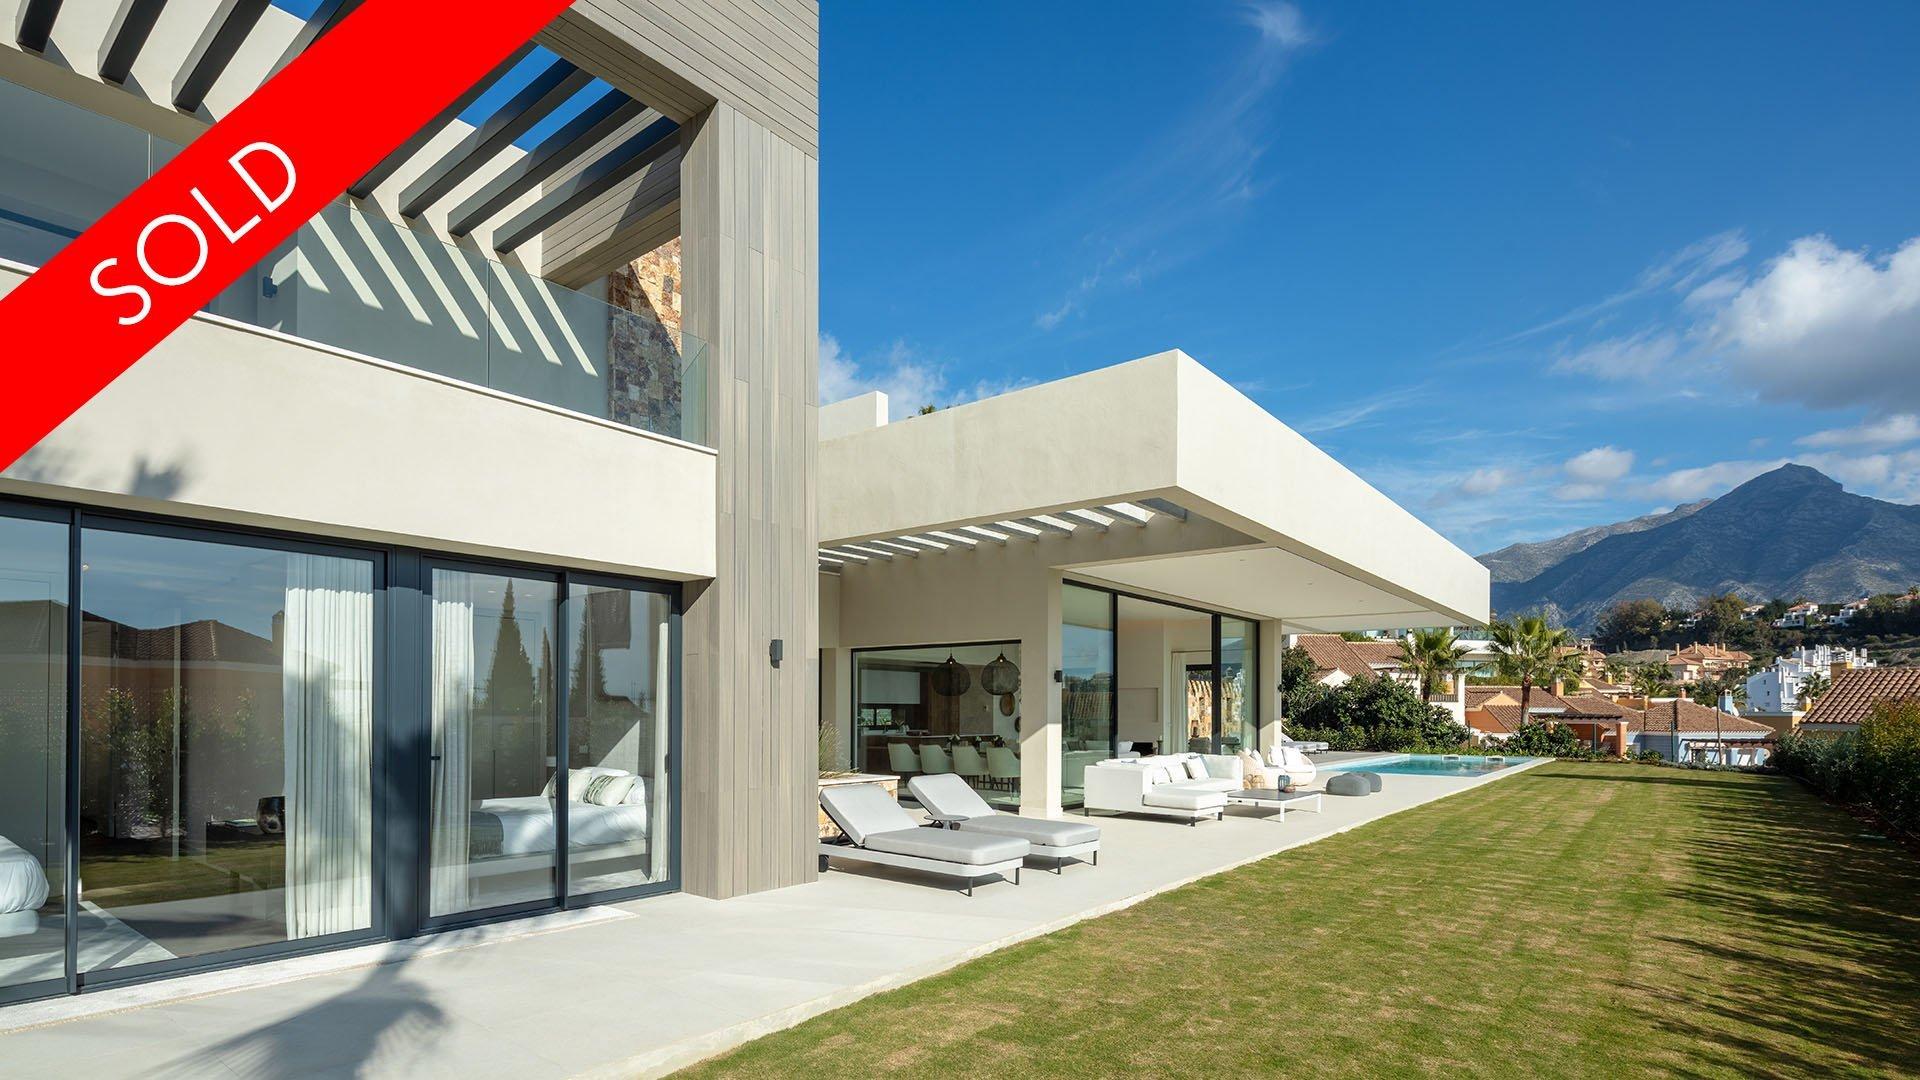 Anamaya: Boutique ontwikkeling van 5 eigentijdse luxe villa's in Marbella